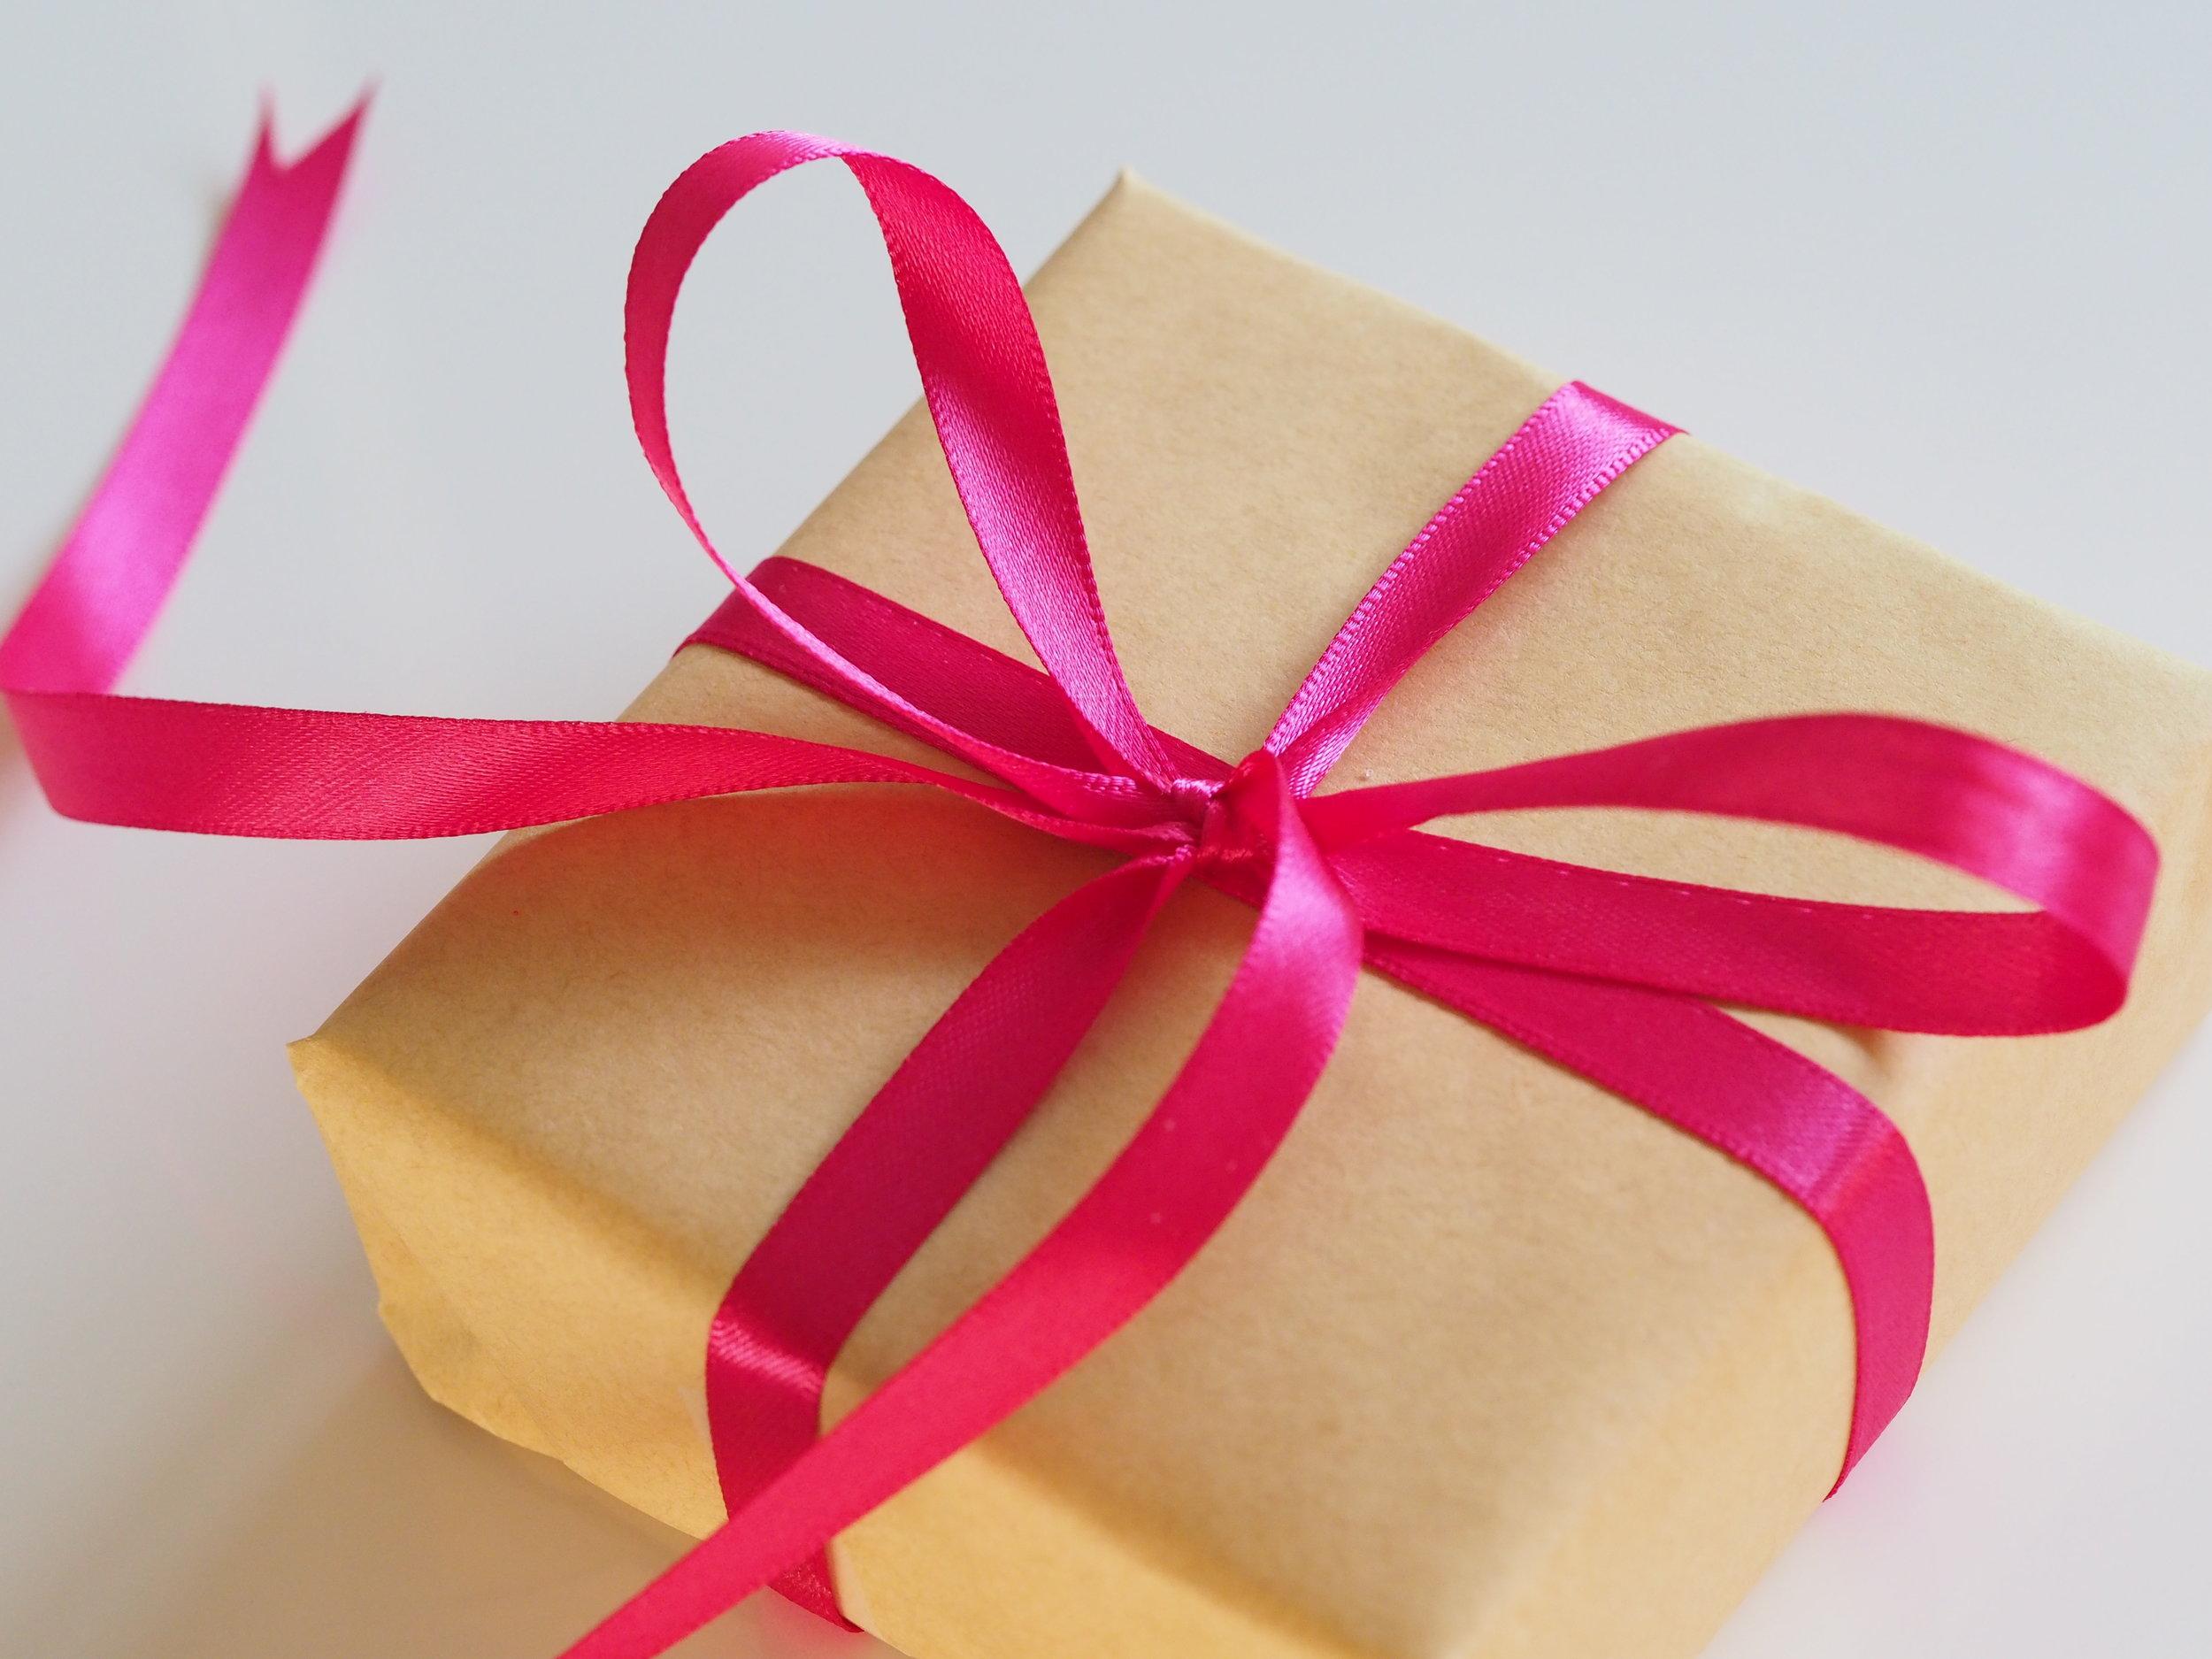 ¿Prefieres dar o recibir regalos?